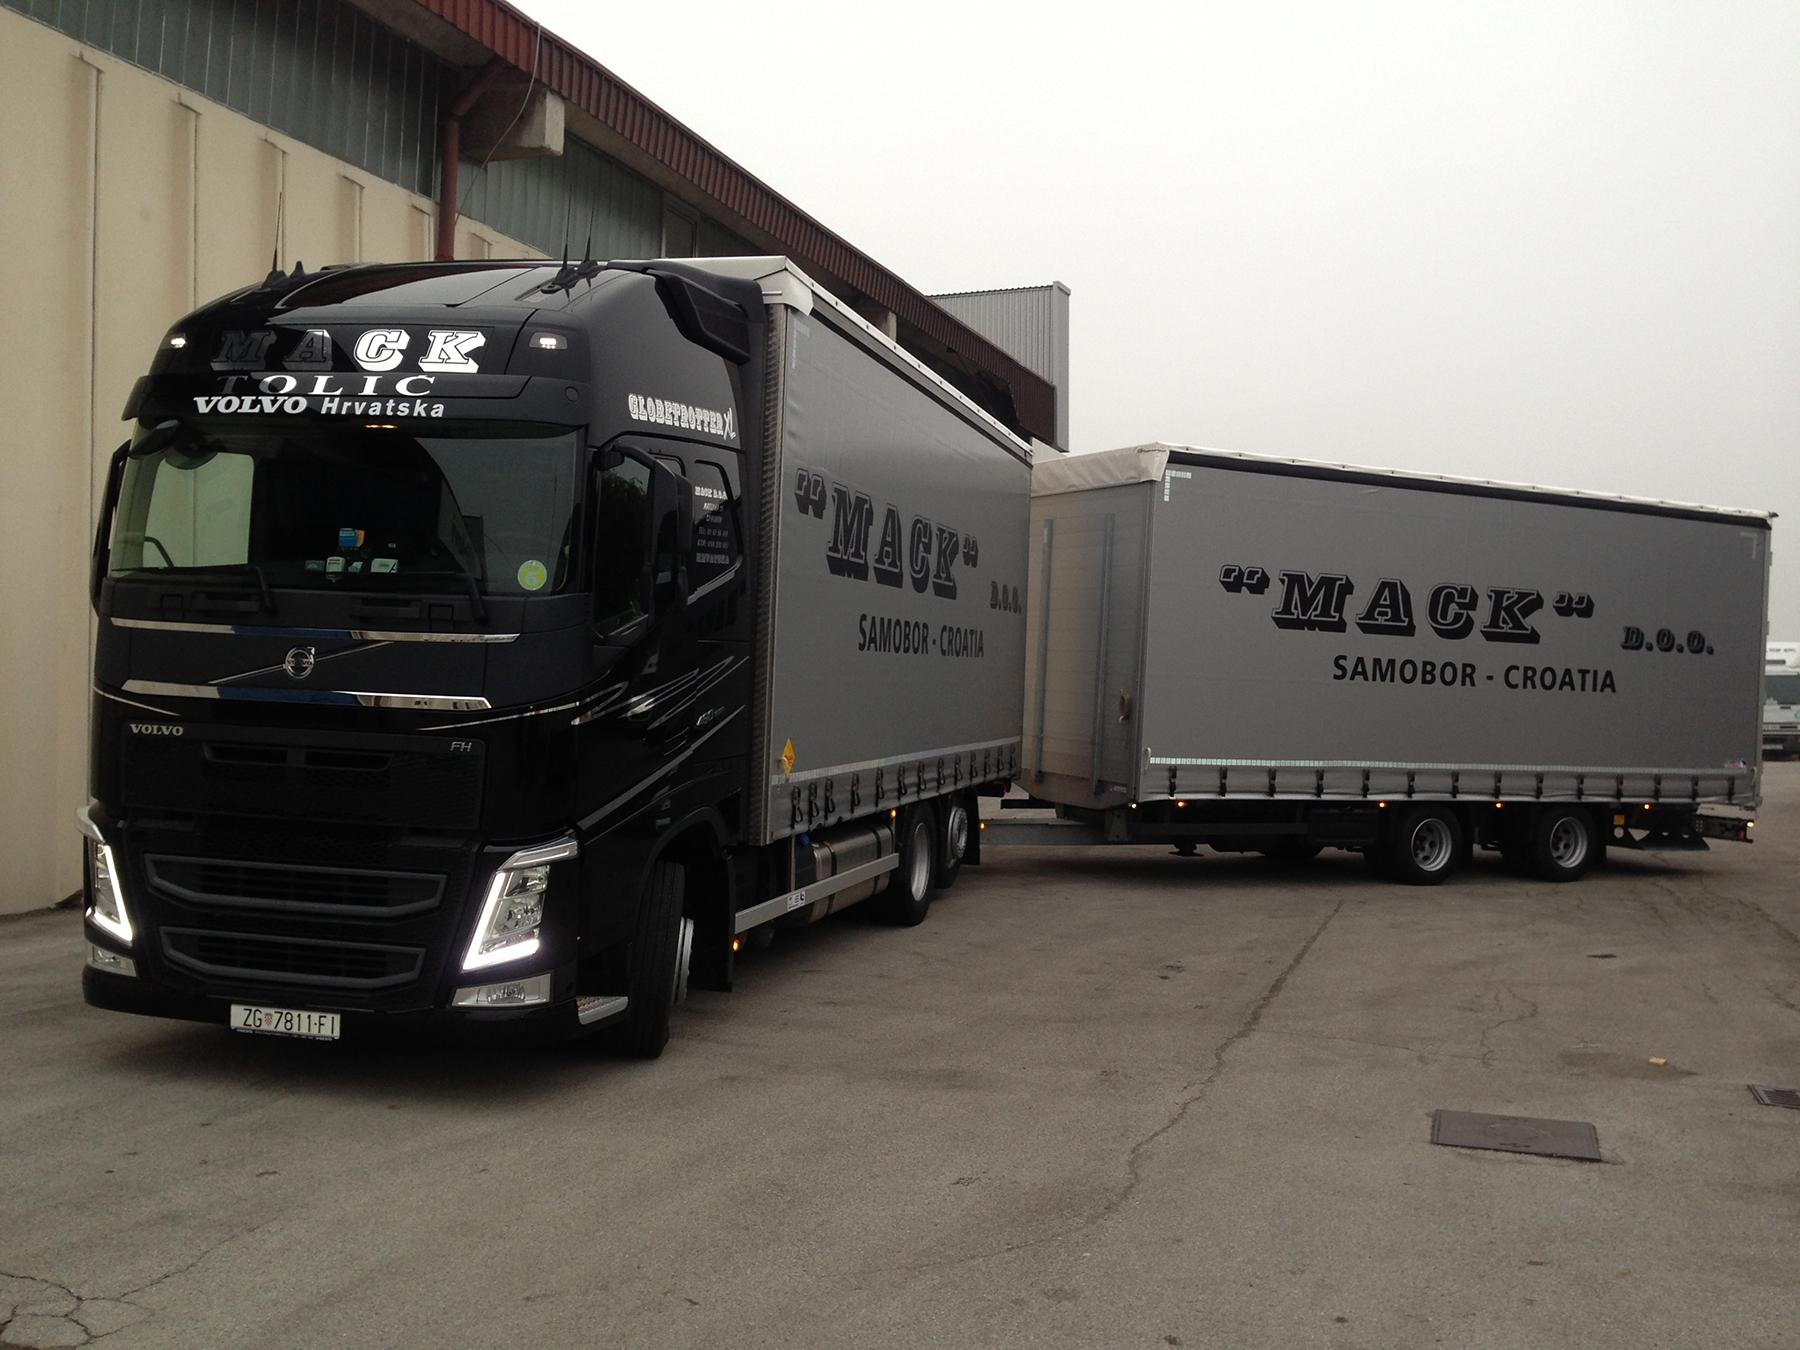 Mack d.o.o. - Transport